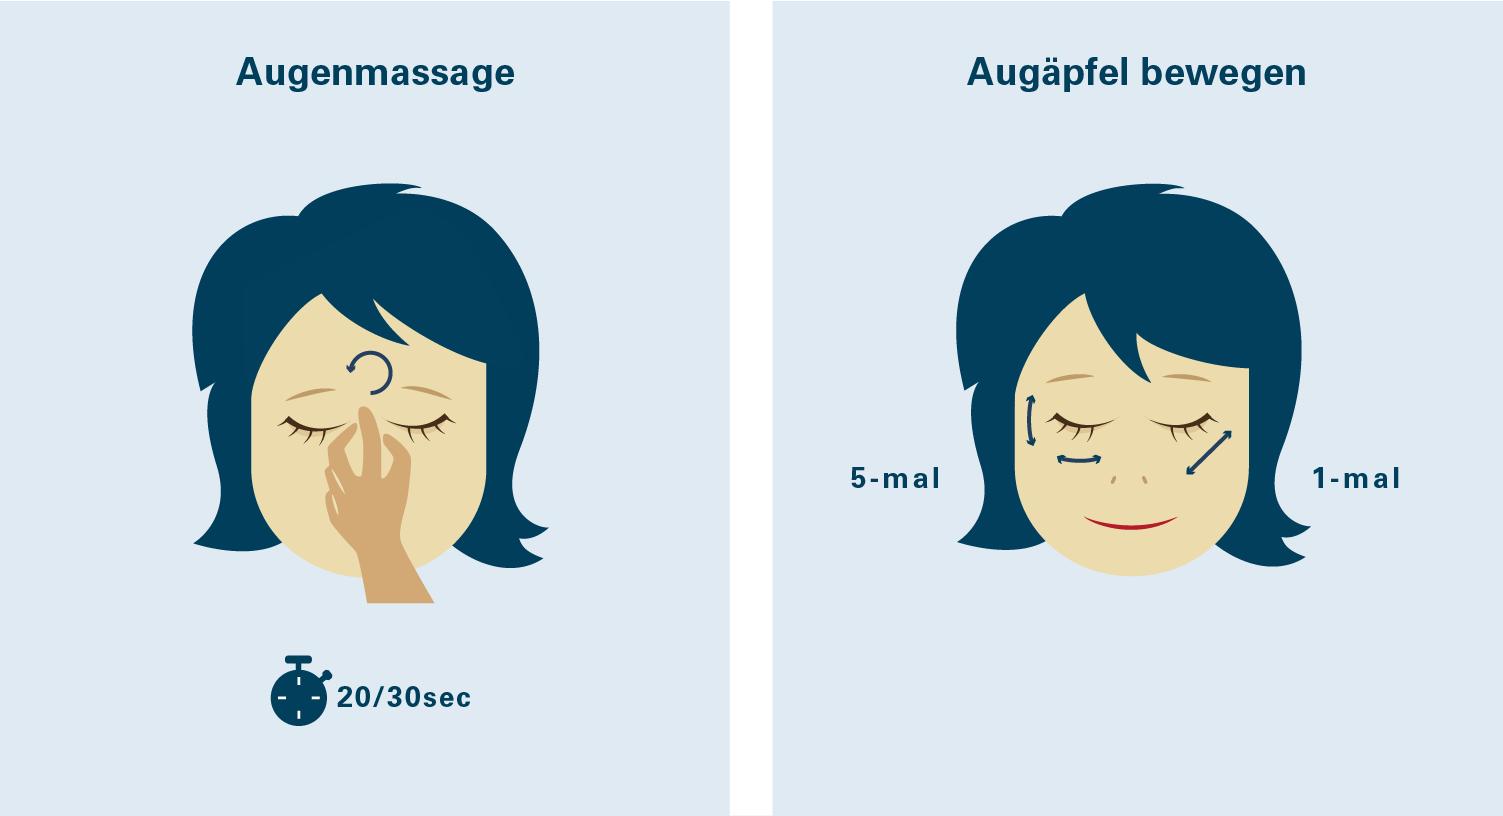 Augentraining schematisch dargestellt - Augenmassage und Augäpfel-Bewegen.